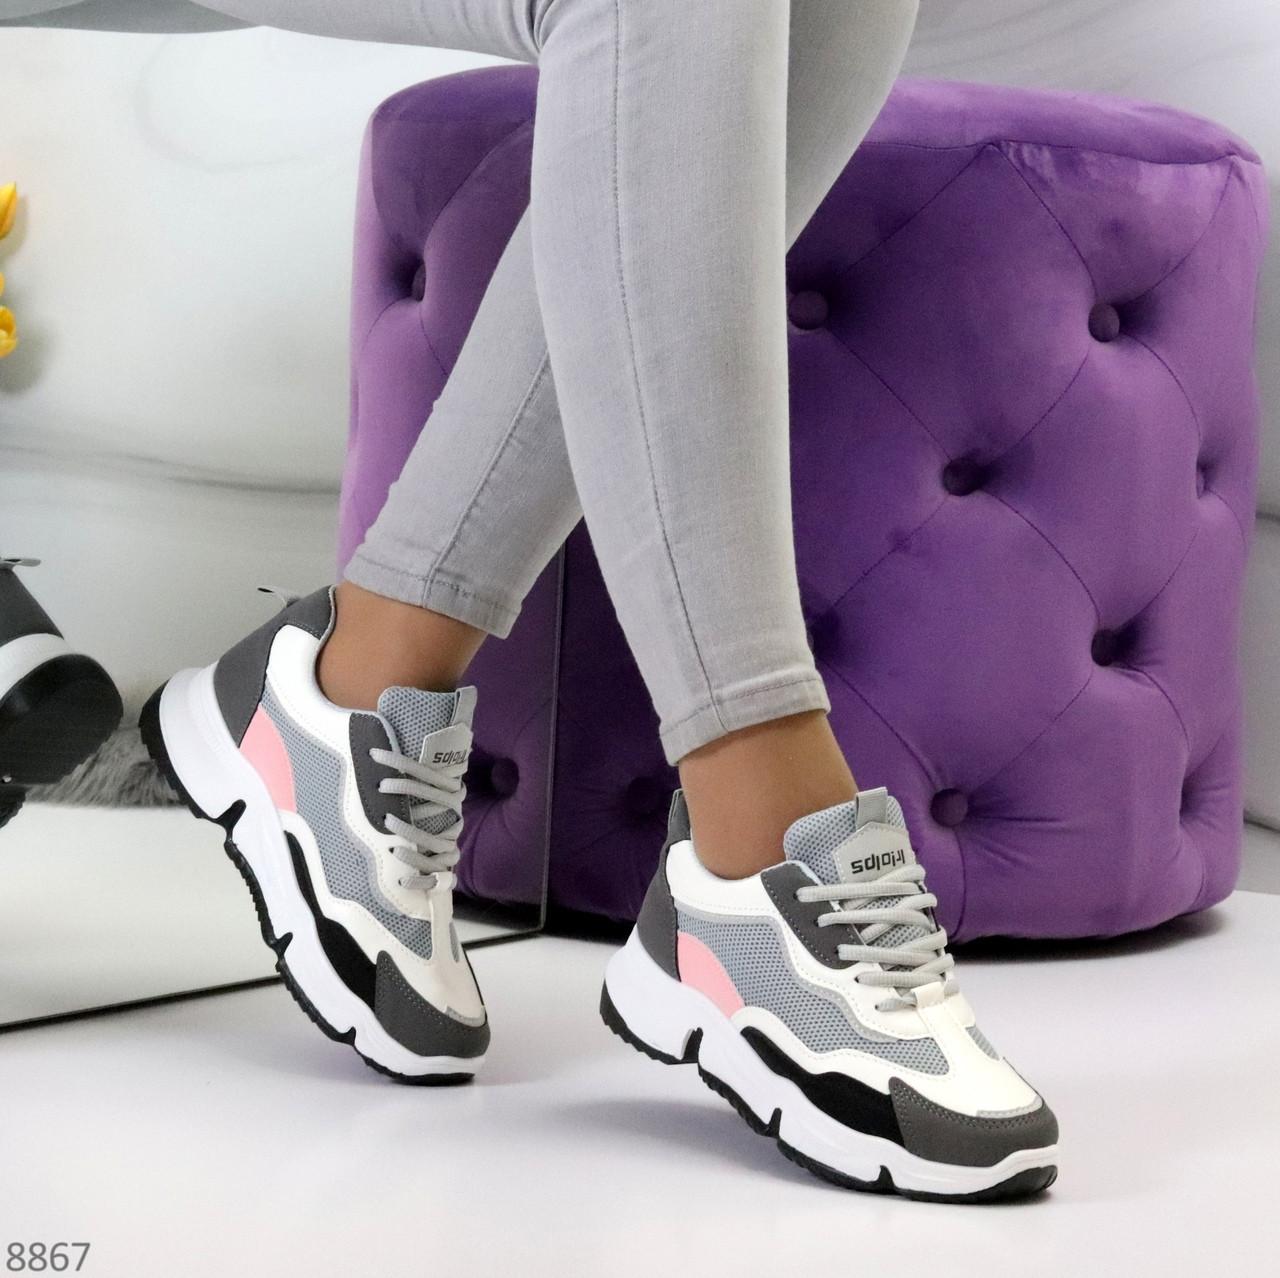 Жіночі кросівки мультиколор, комбінація матеріалів